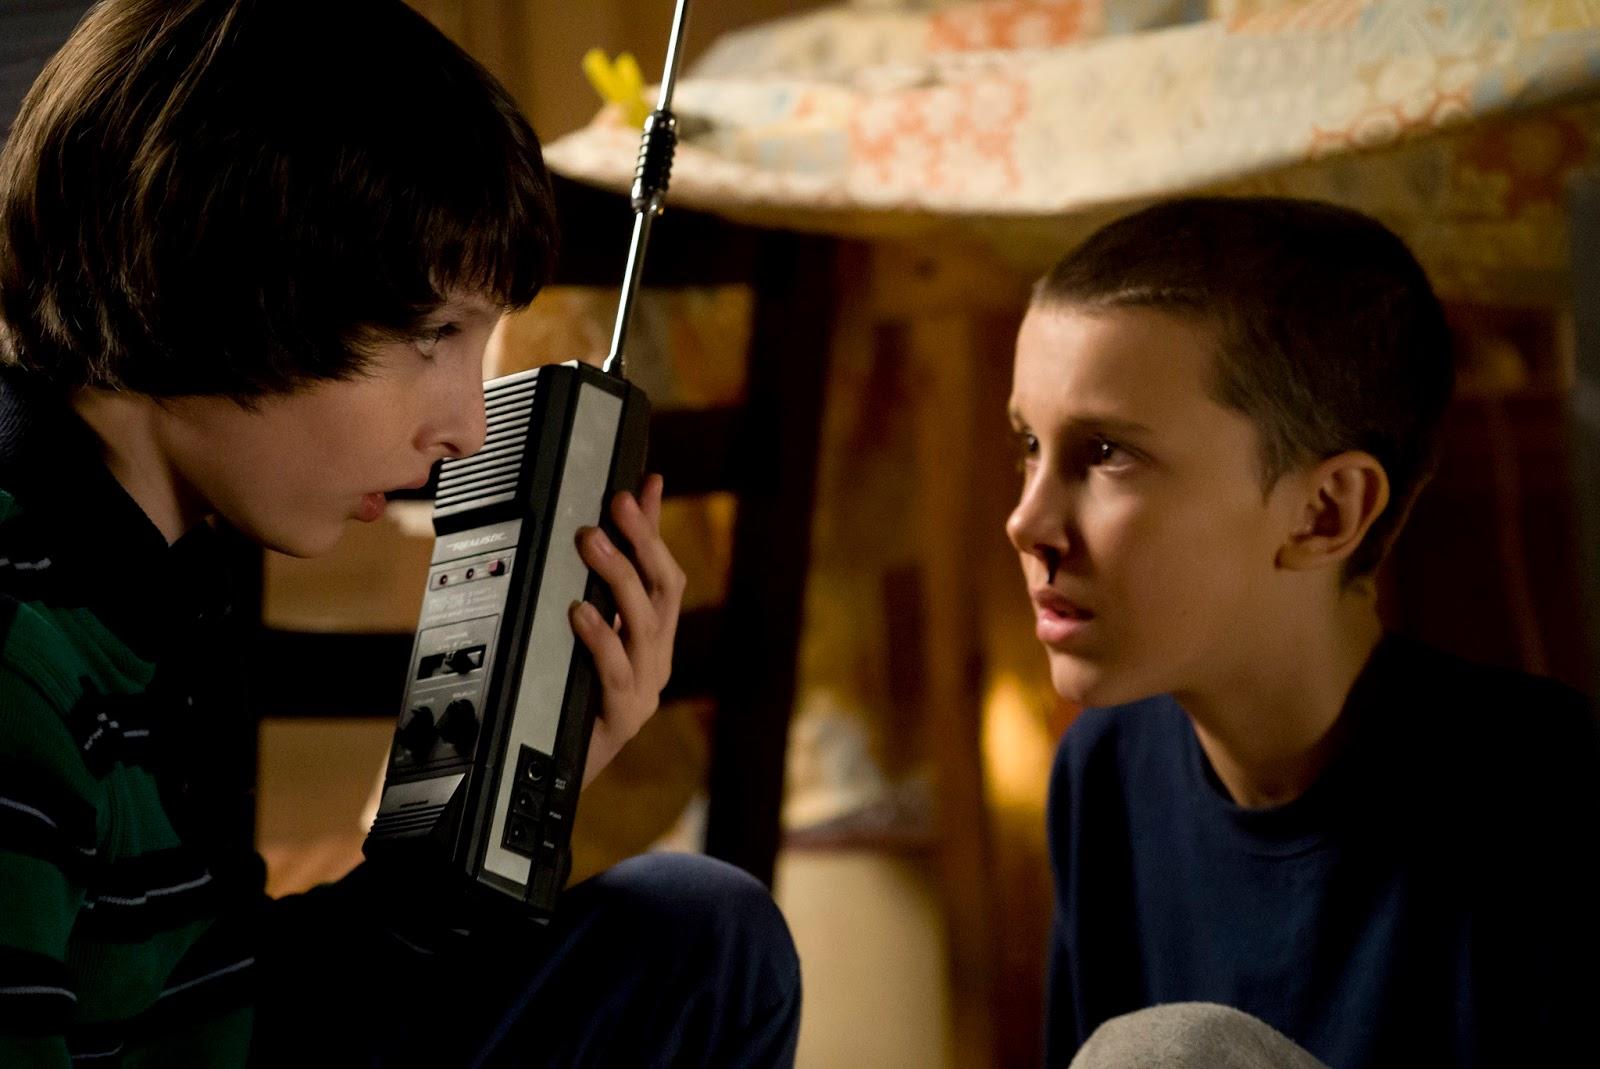 Netflix divulga primeiras imagens da aguardada série, Stranger Things com Winona Ryder